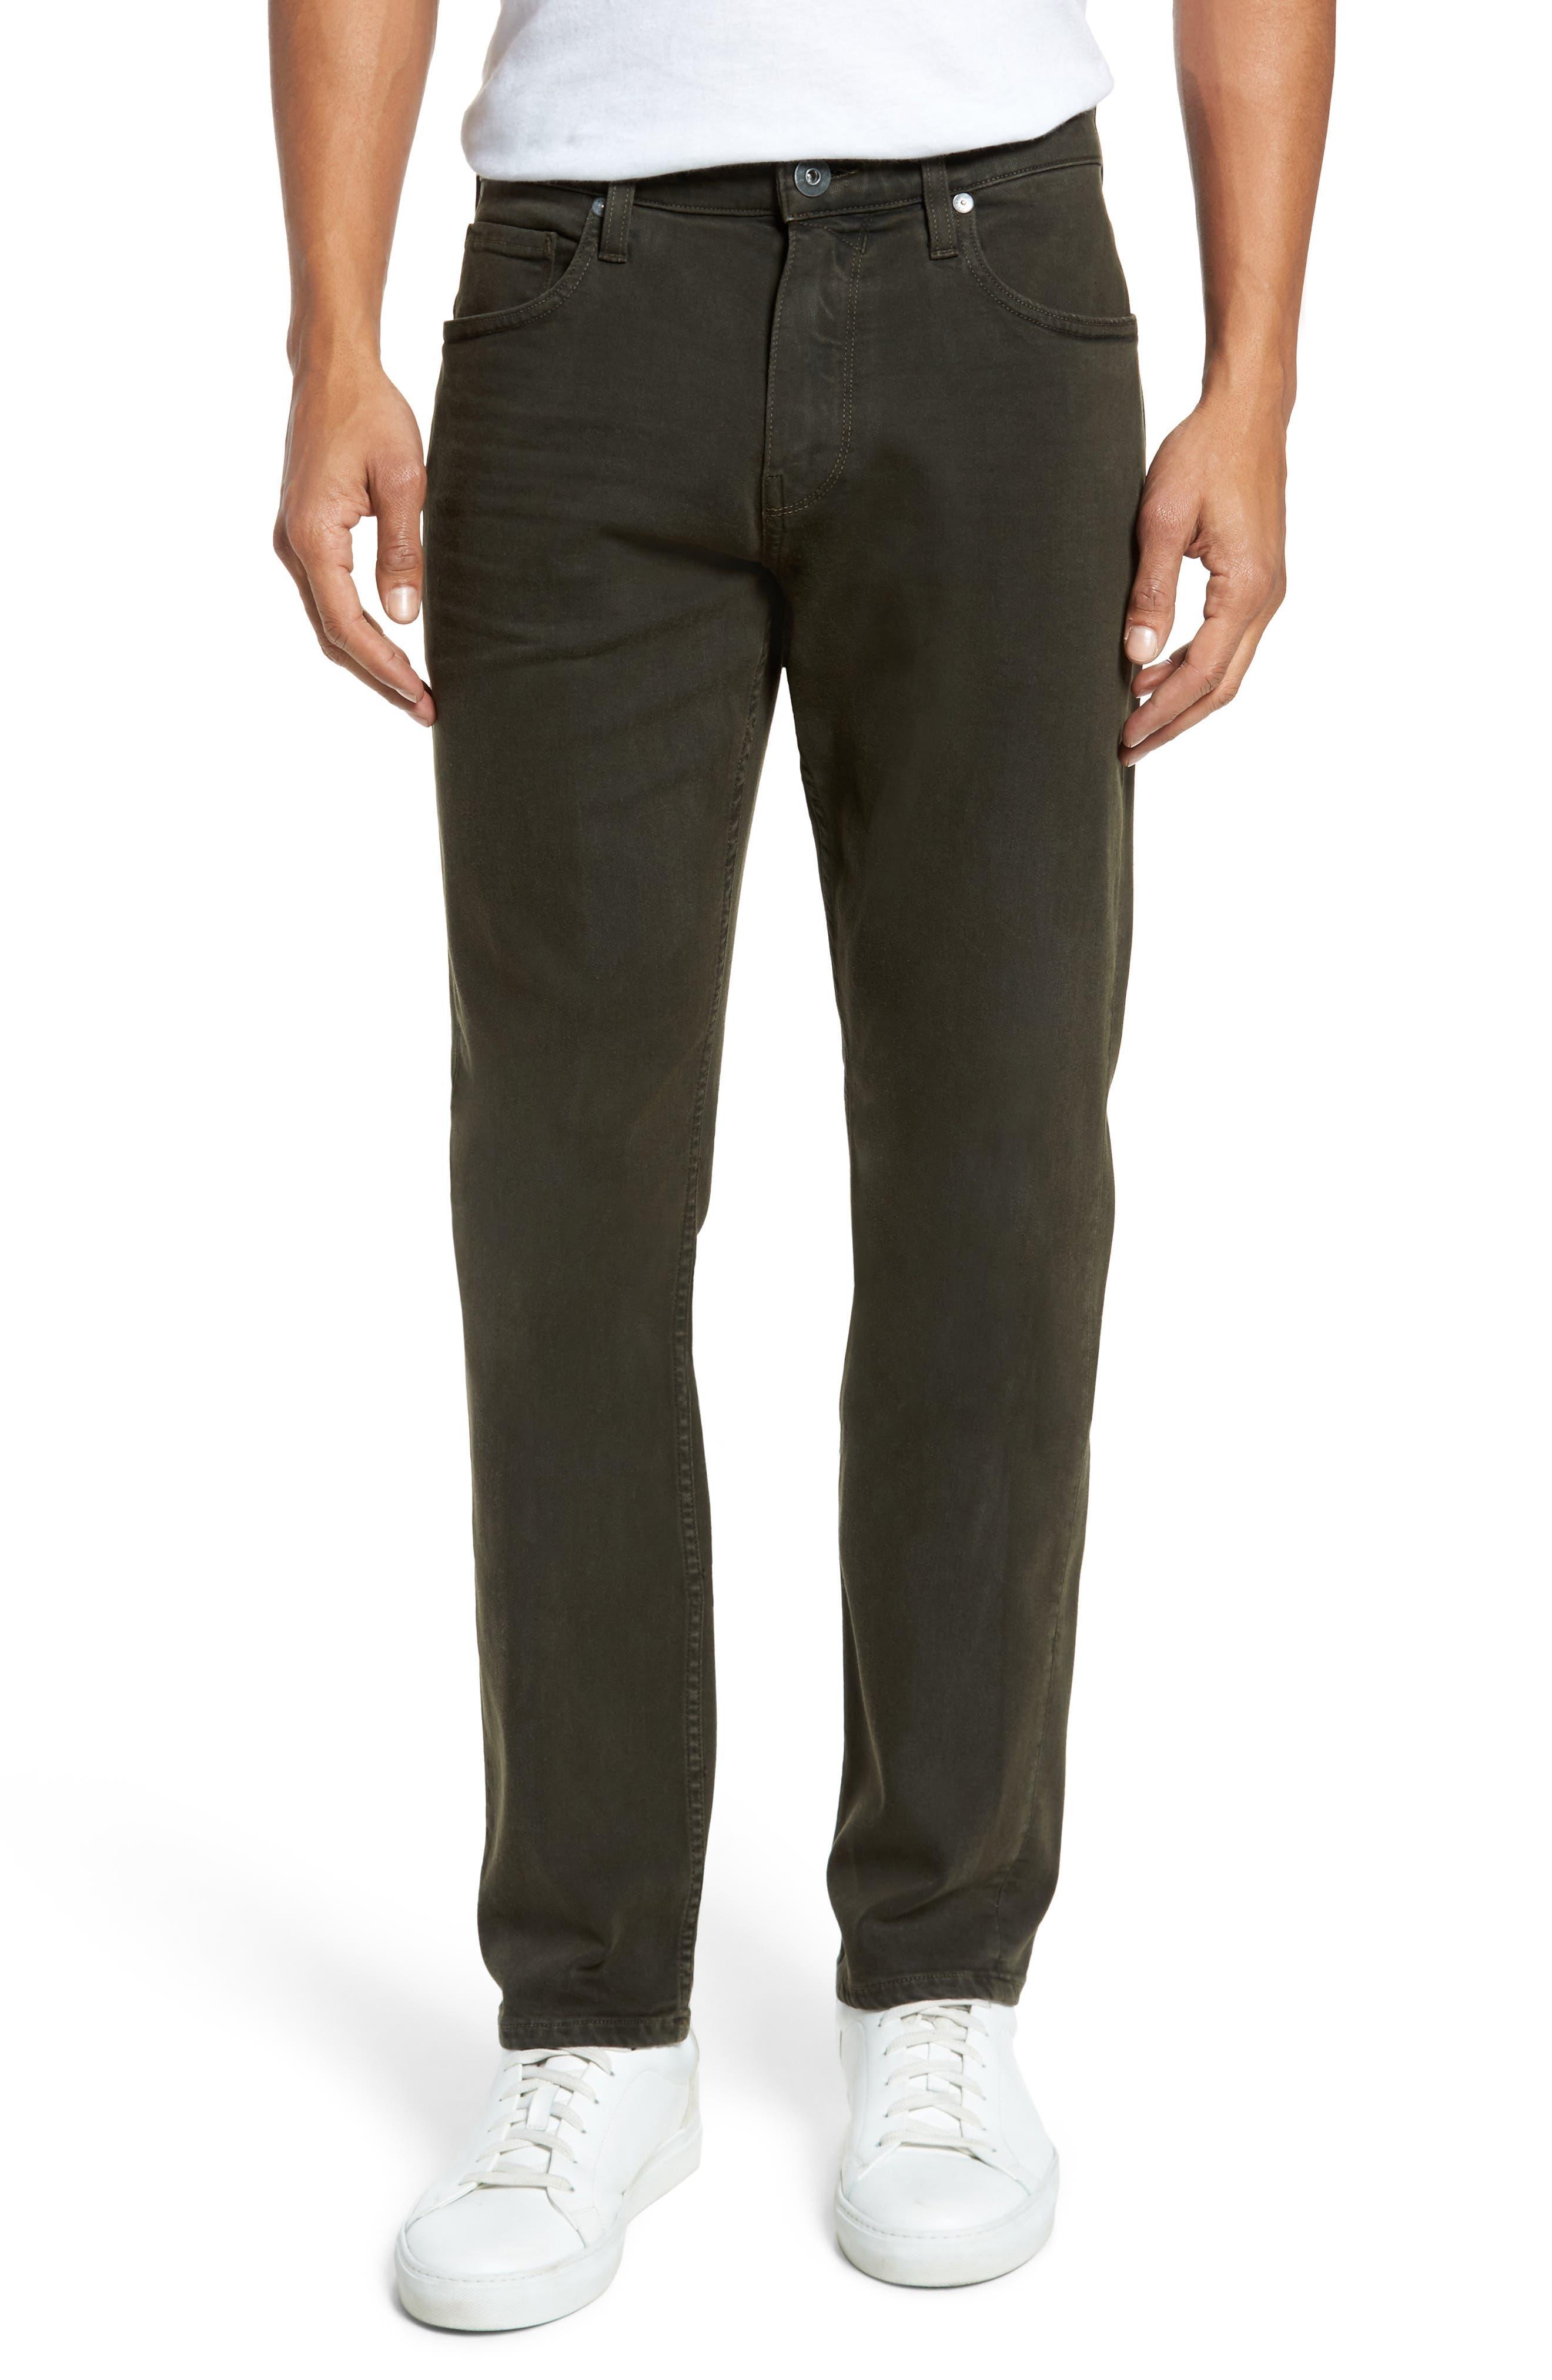 Alternate Image 1 Selected - PAIGE Transcend - Federal Slim Straight Leg Jeans (Vintage Juniper)